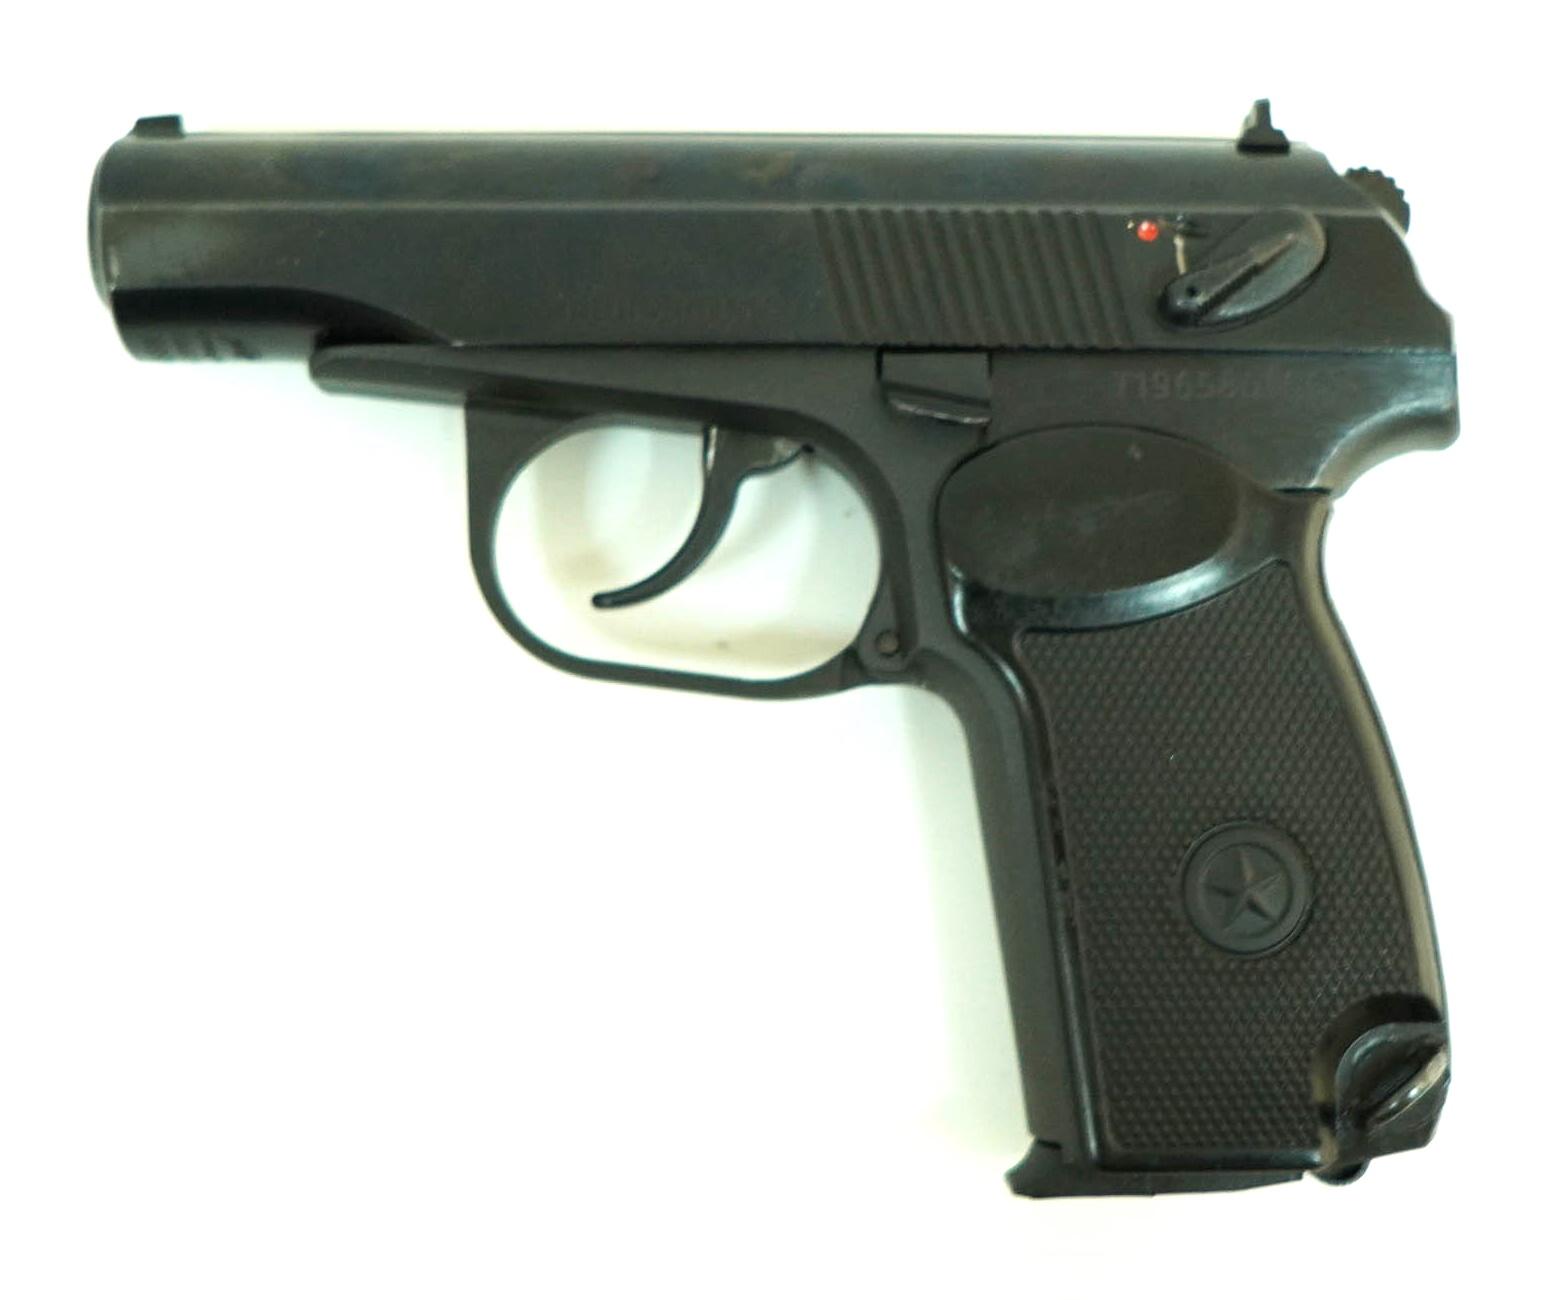  Уценка  Пневматический пистолет МР-658К (ПМ, Blowback) (№ 84349-69-уц)